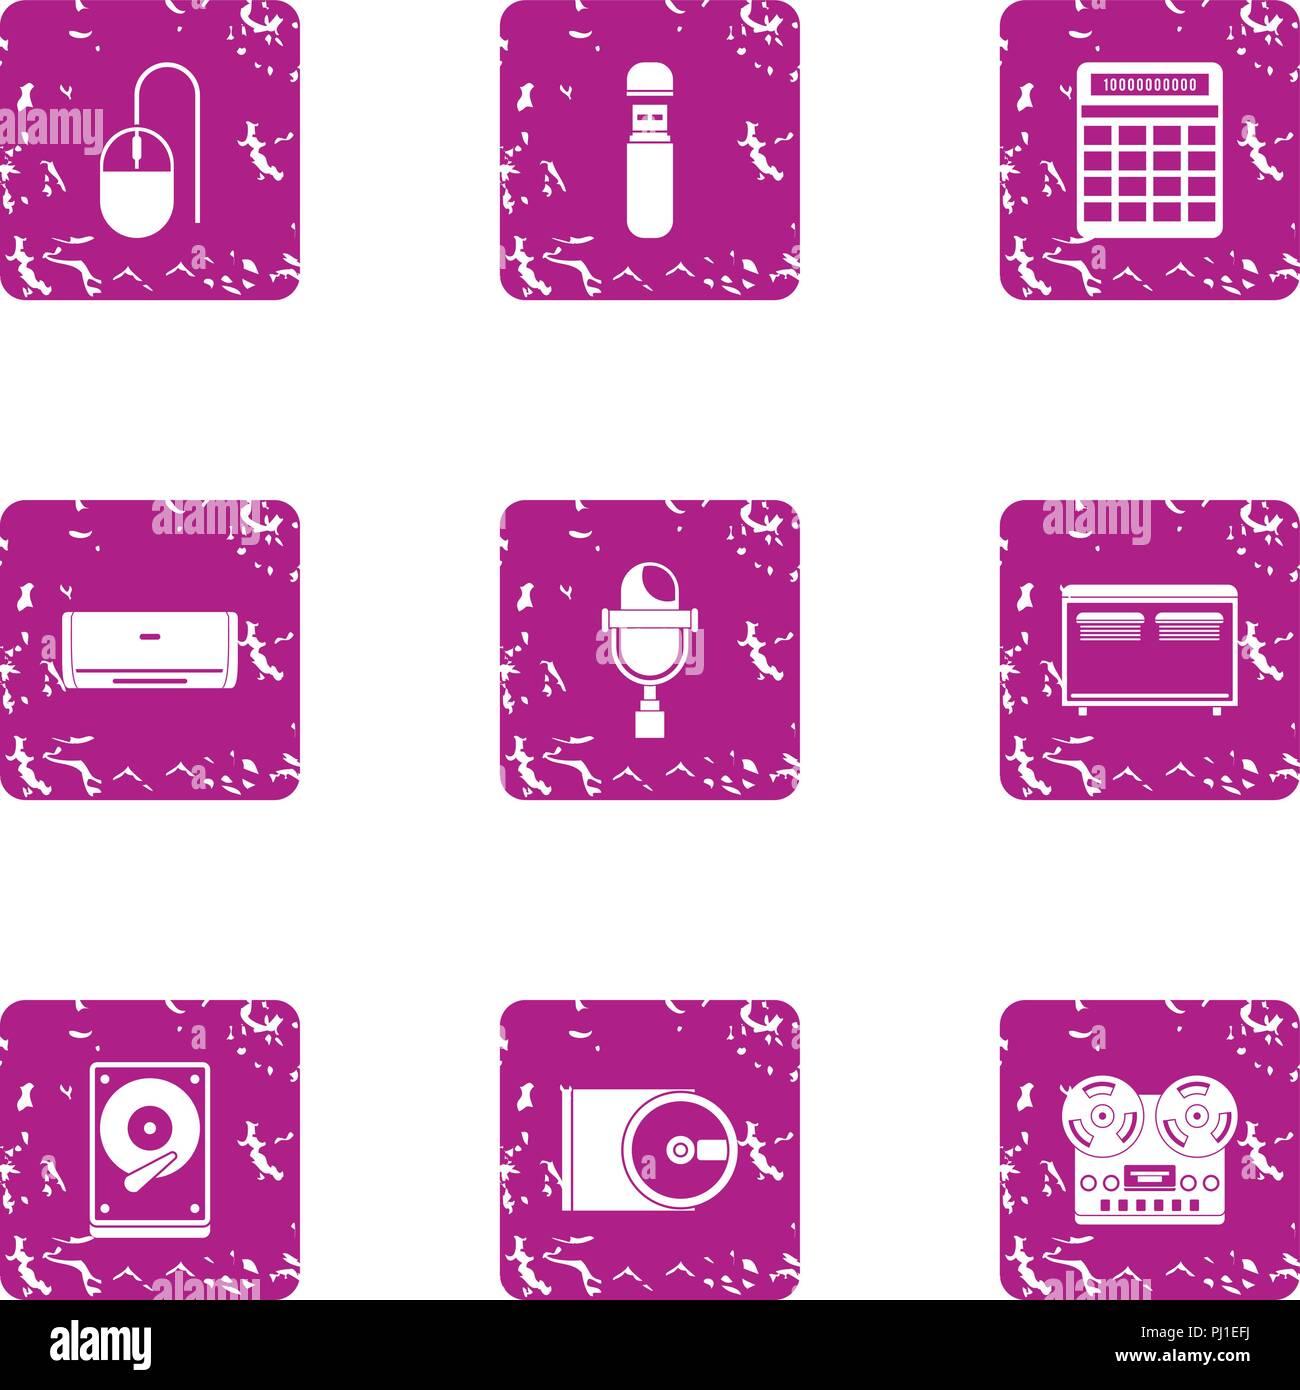 Periphery icons set, grunge style - Stock Image